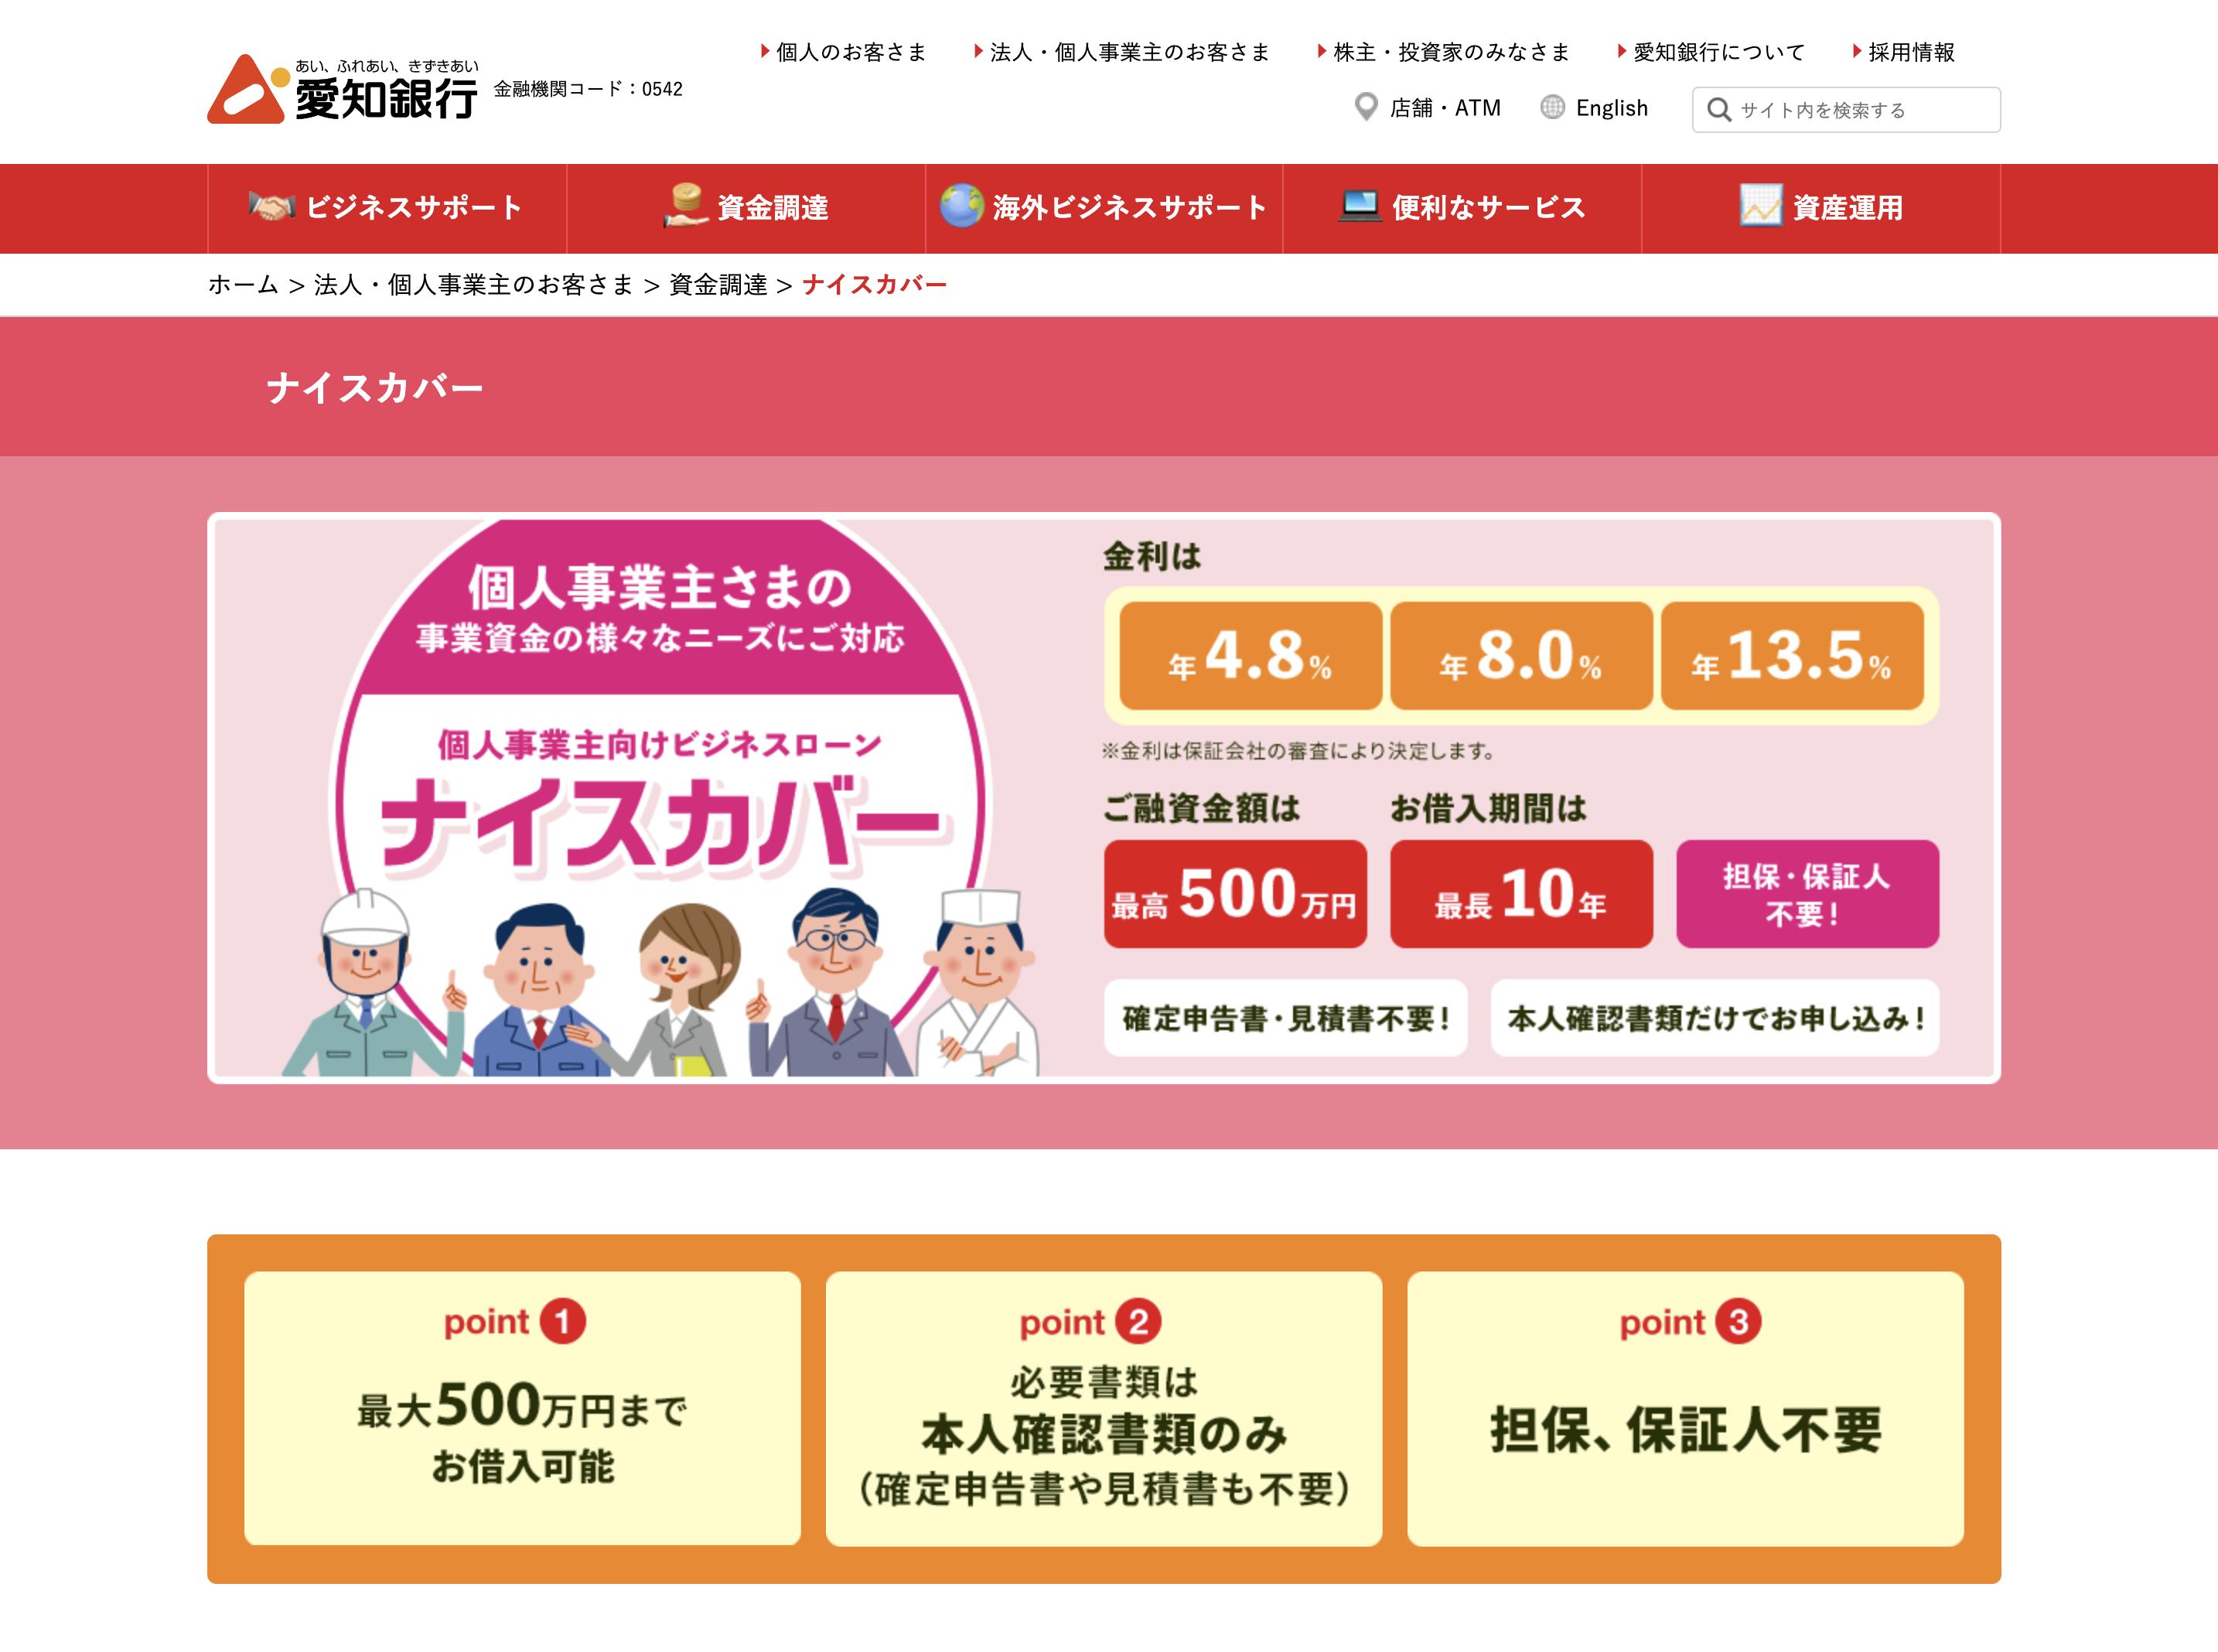 愛知銀行個人事業主向けビジネスローン「ナイスカバー」